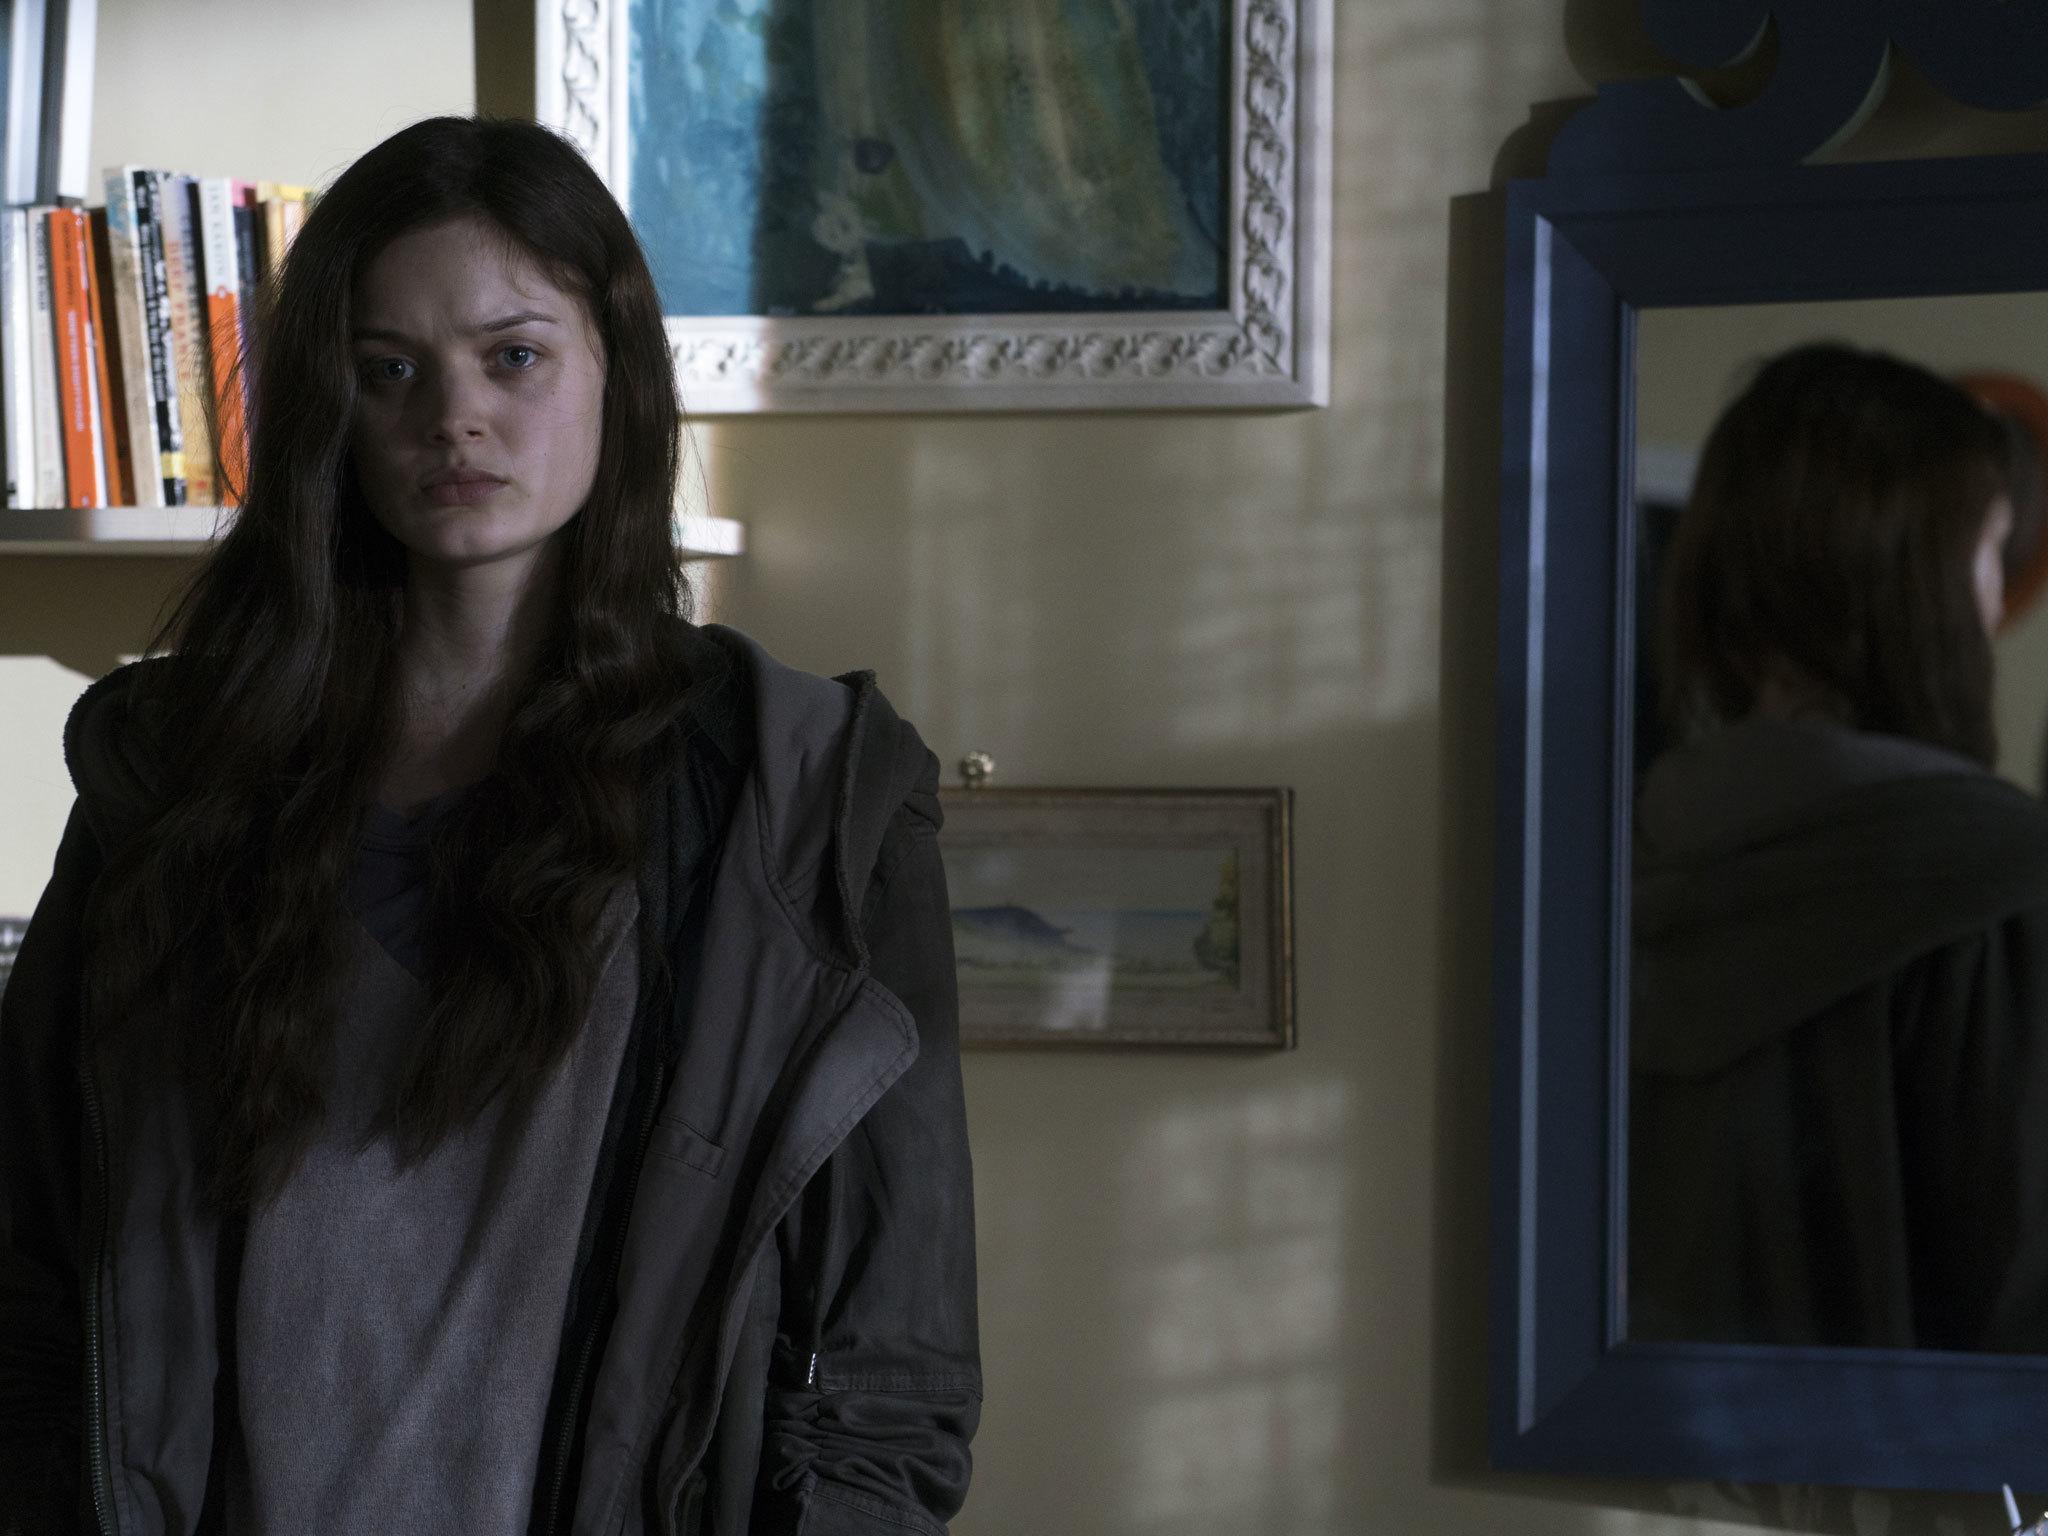 Bella Heathcote in Fifty Shades Darker